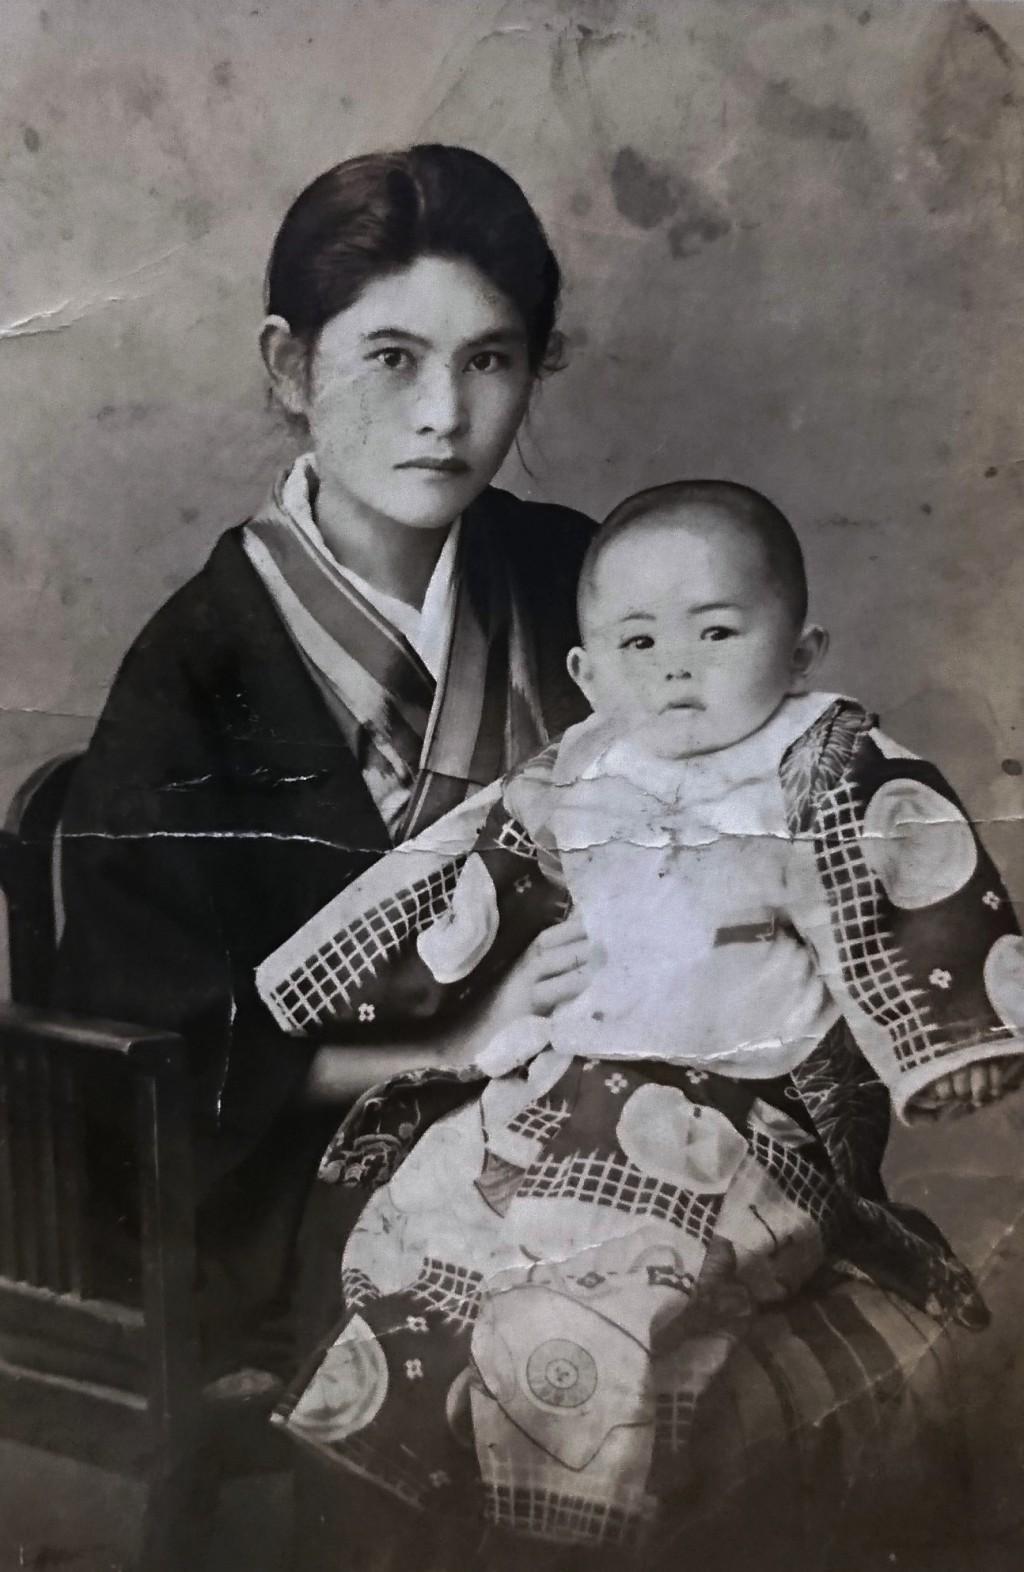 白黒写真を無料でカラーに 先祖の写真を自動色付けしてみた 毎日